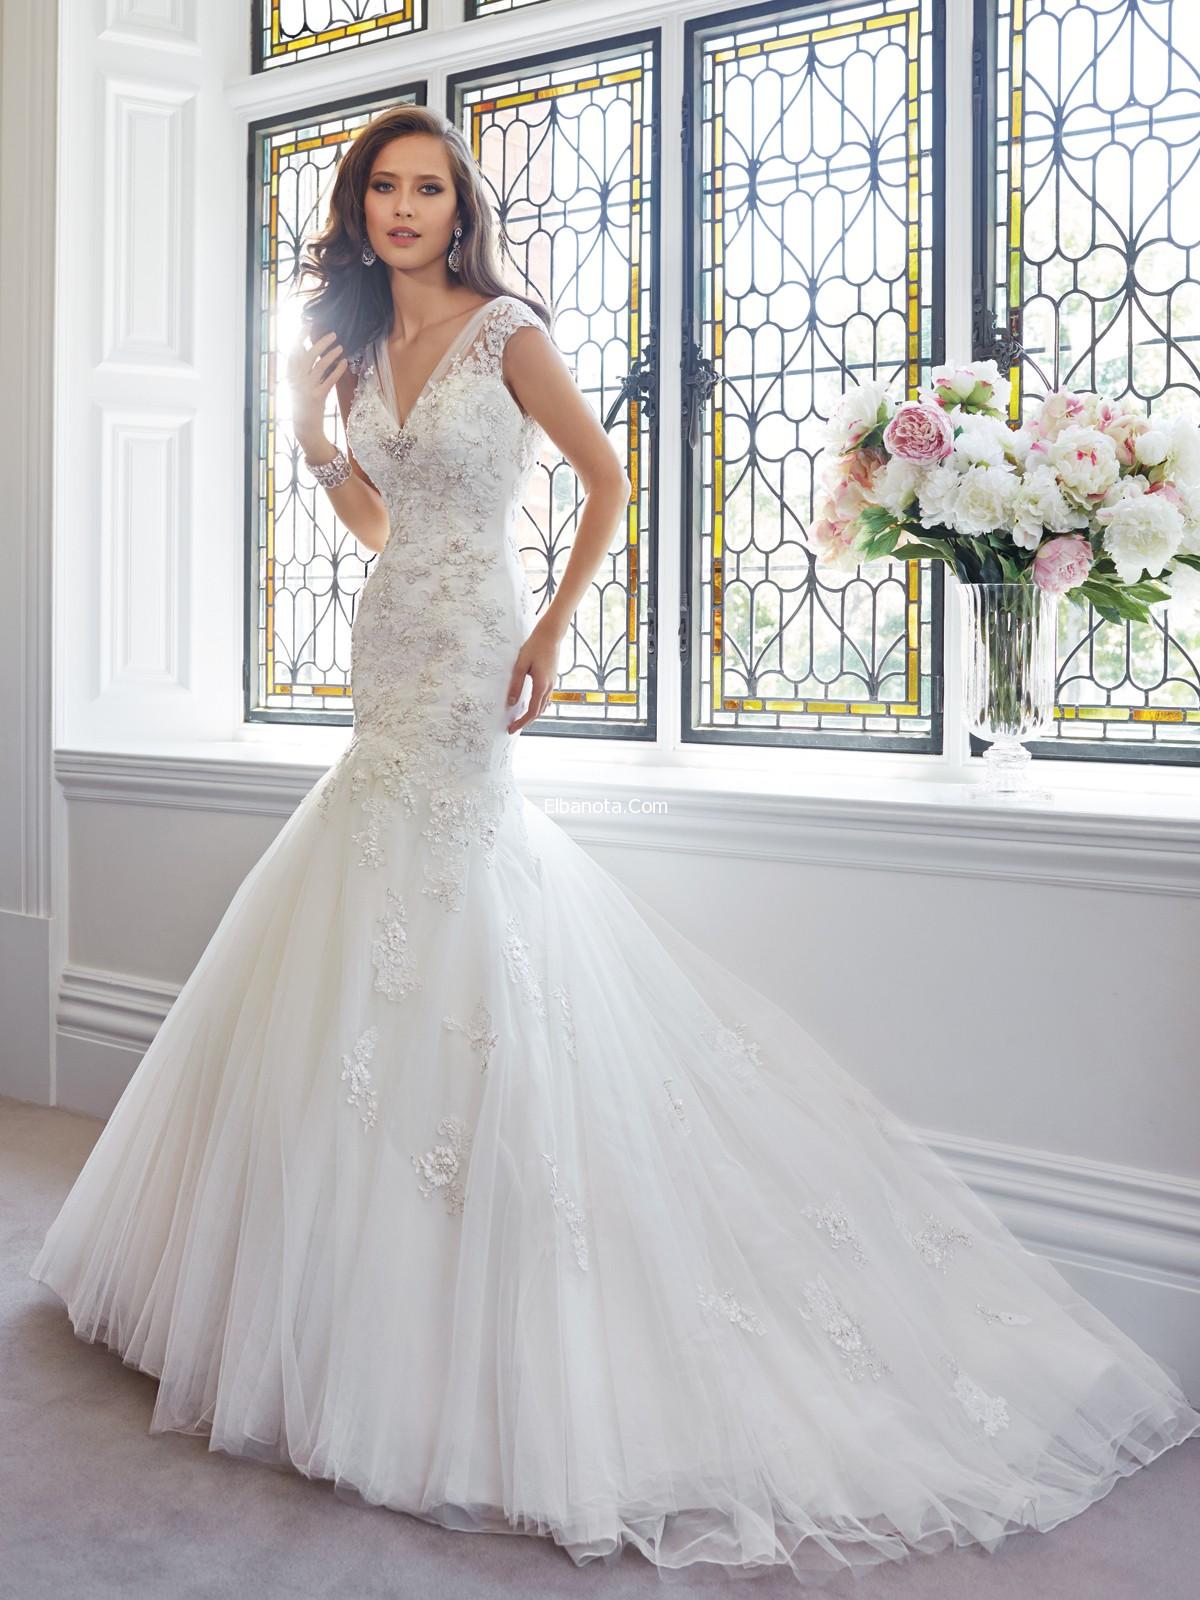 صورة صور عن العروس , بالصور البومات العرس من الاساسيات 3452 4